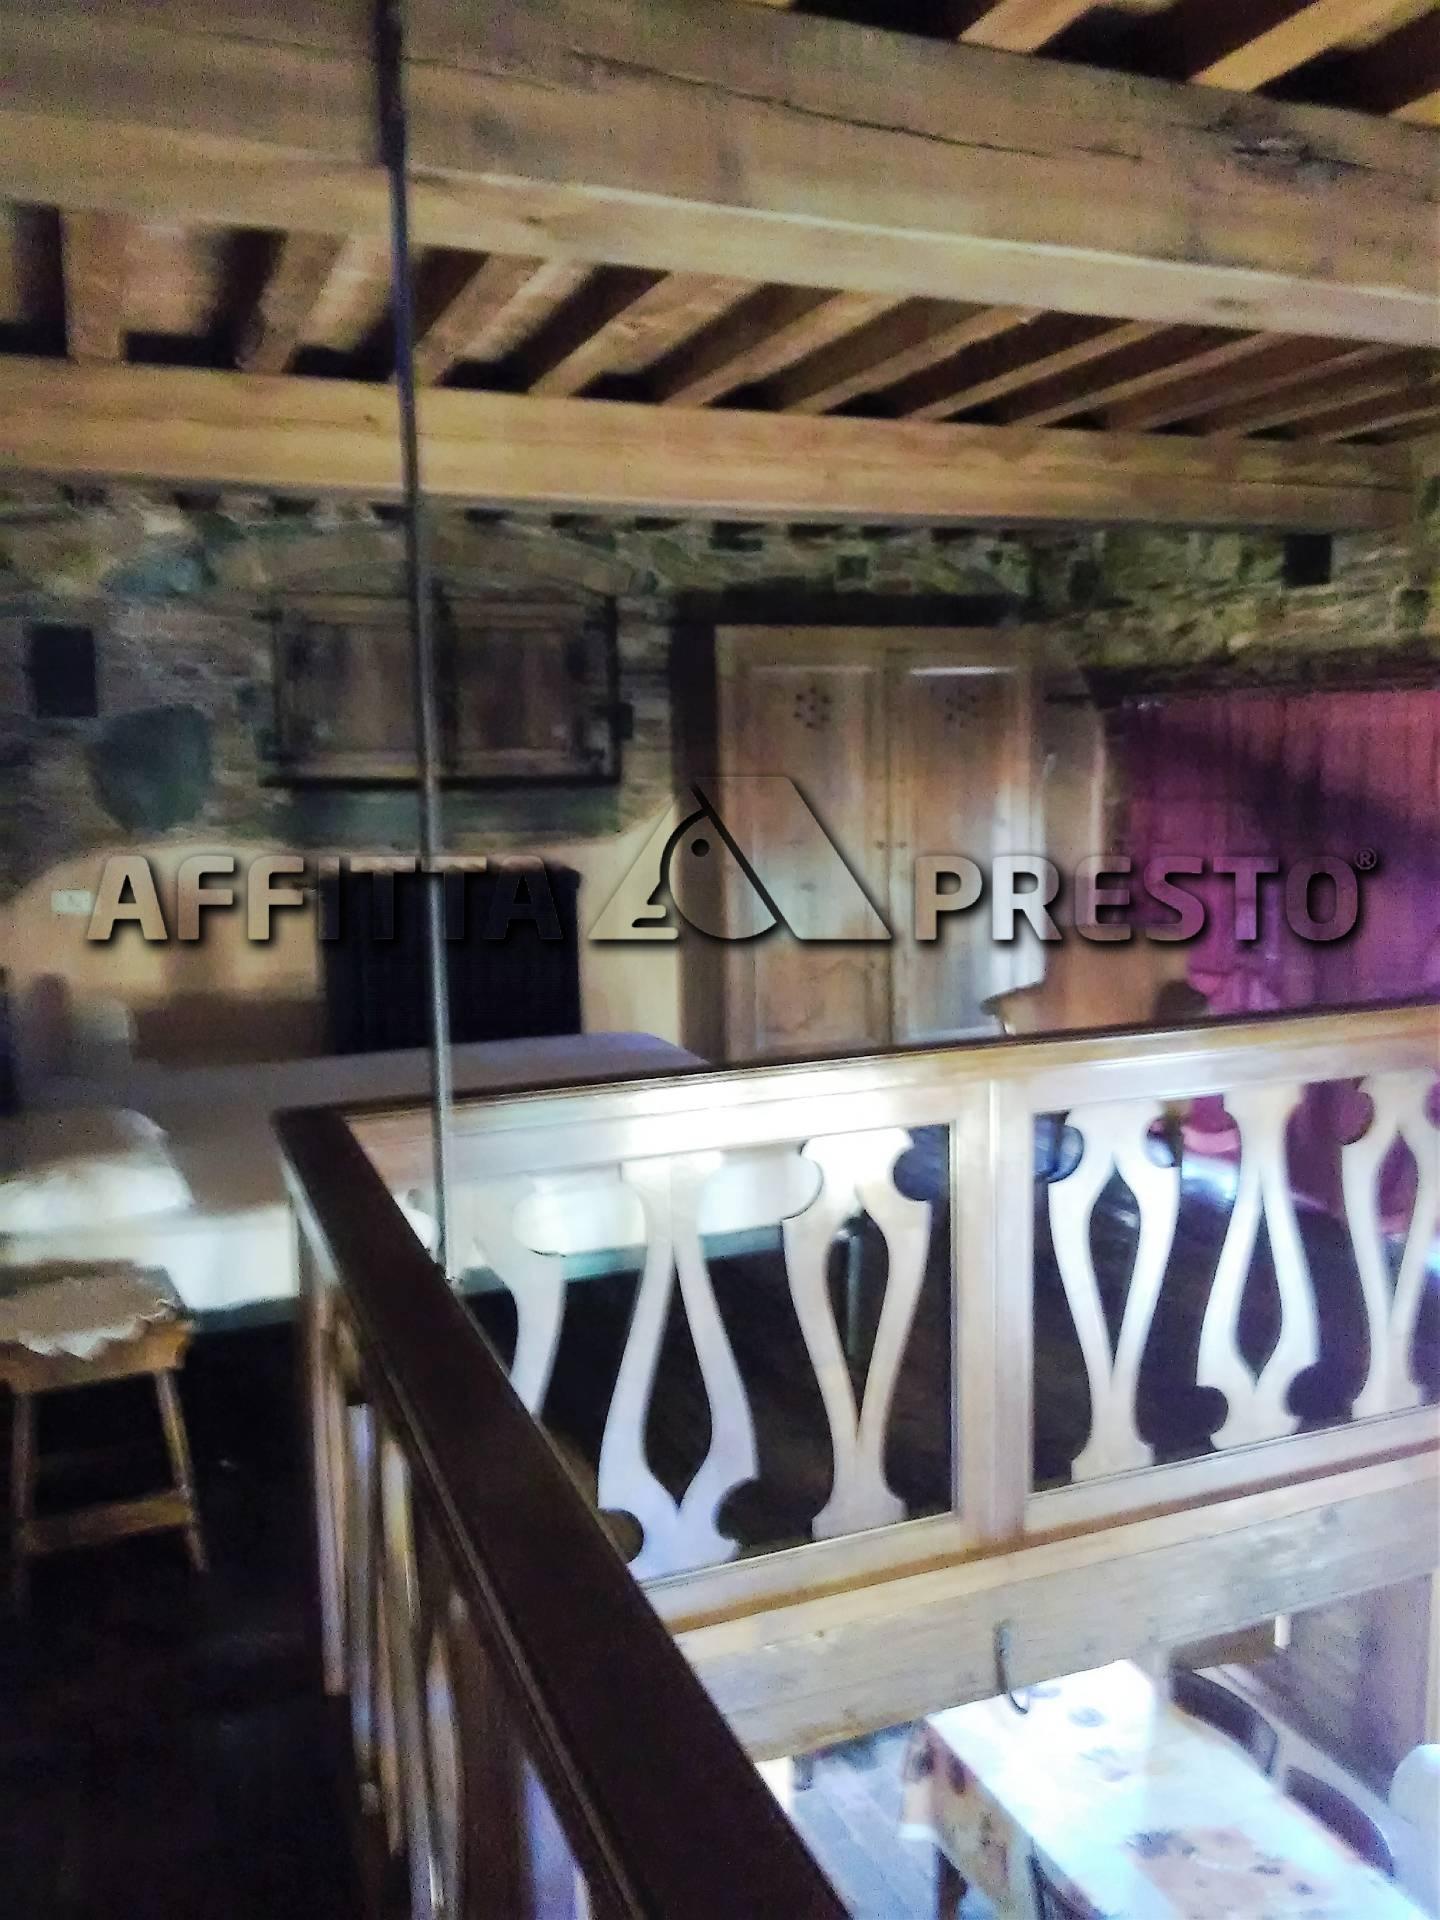 Appartamento in affitto a Fauglia, 3 locali, zona Località: Fauglia, prezzo € 700 | CambioCasa.it